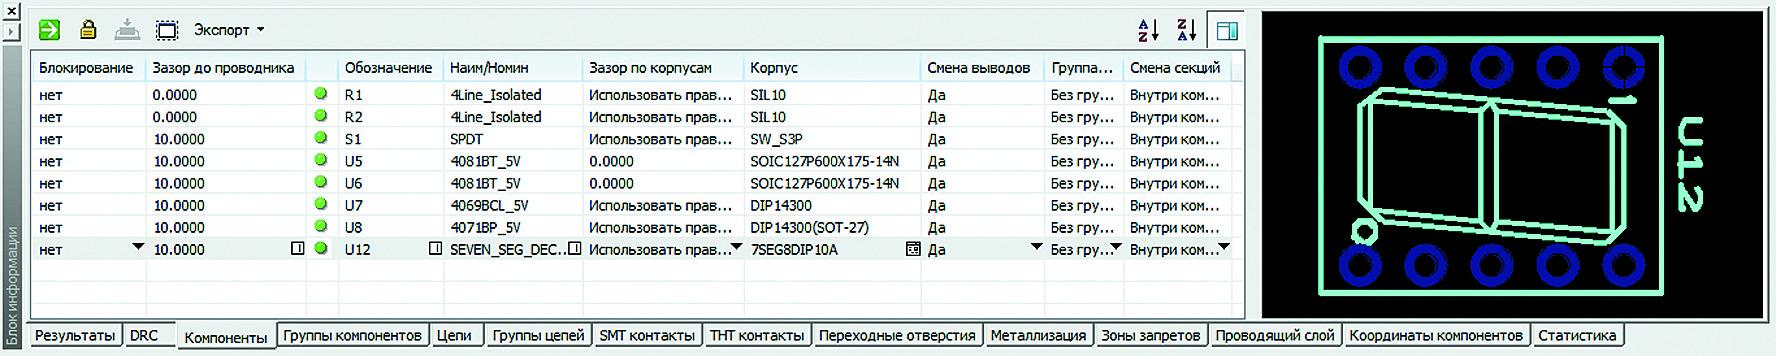 Список всех компонентов проекта на вкладке «Компоненты» панели «Блок информации»